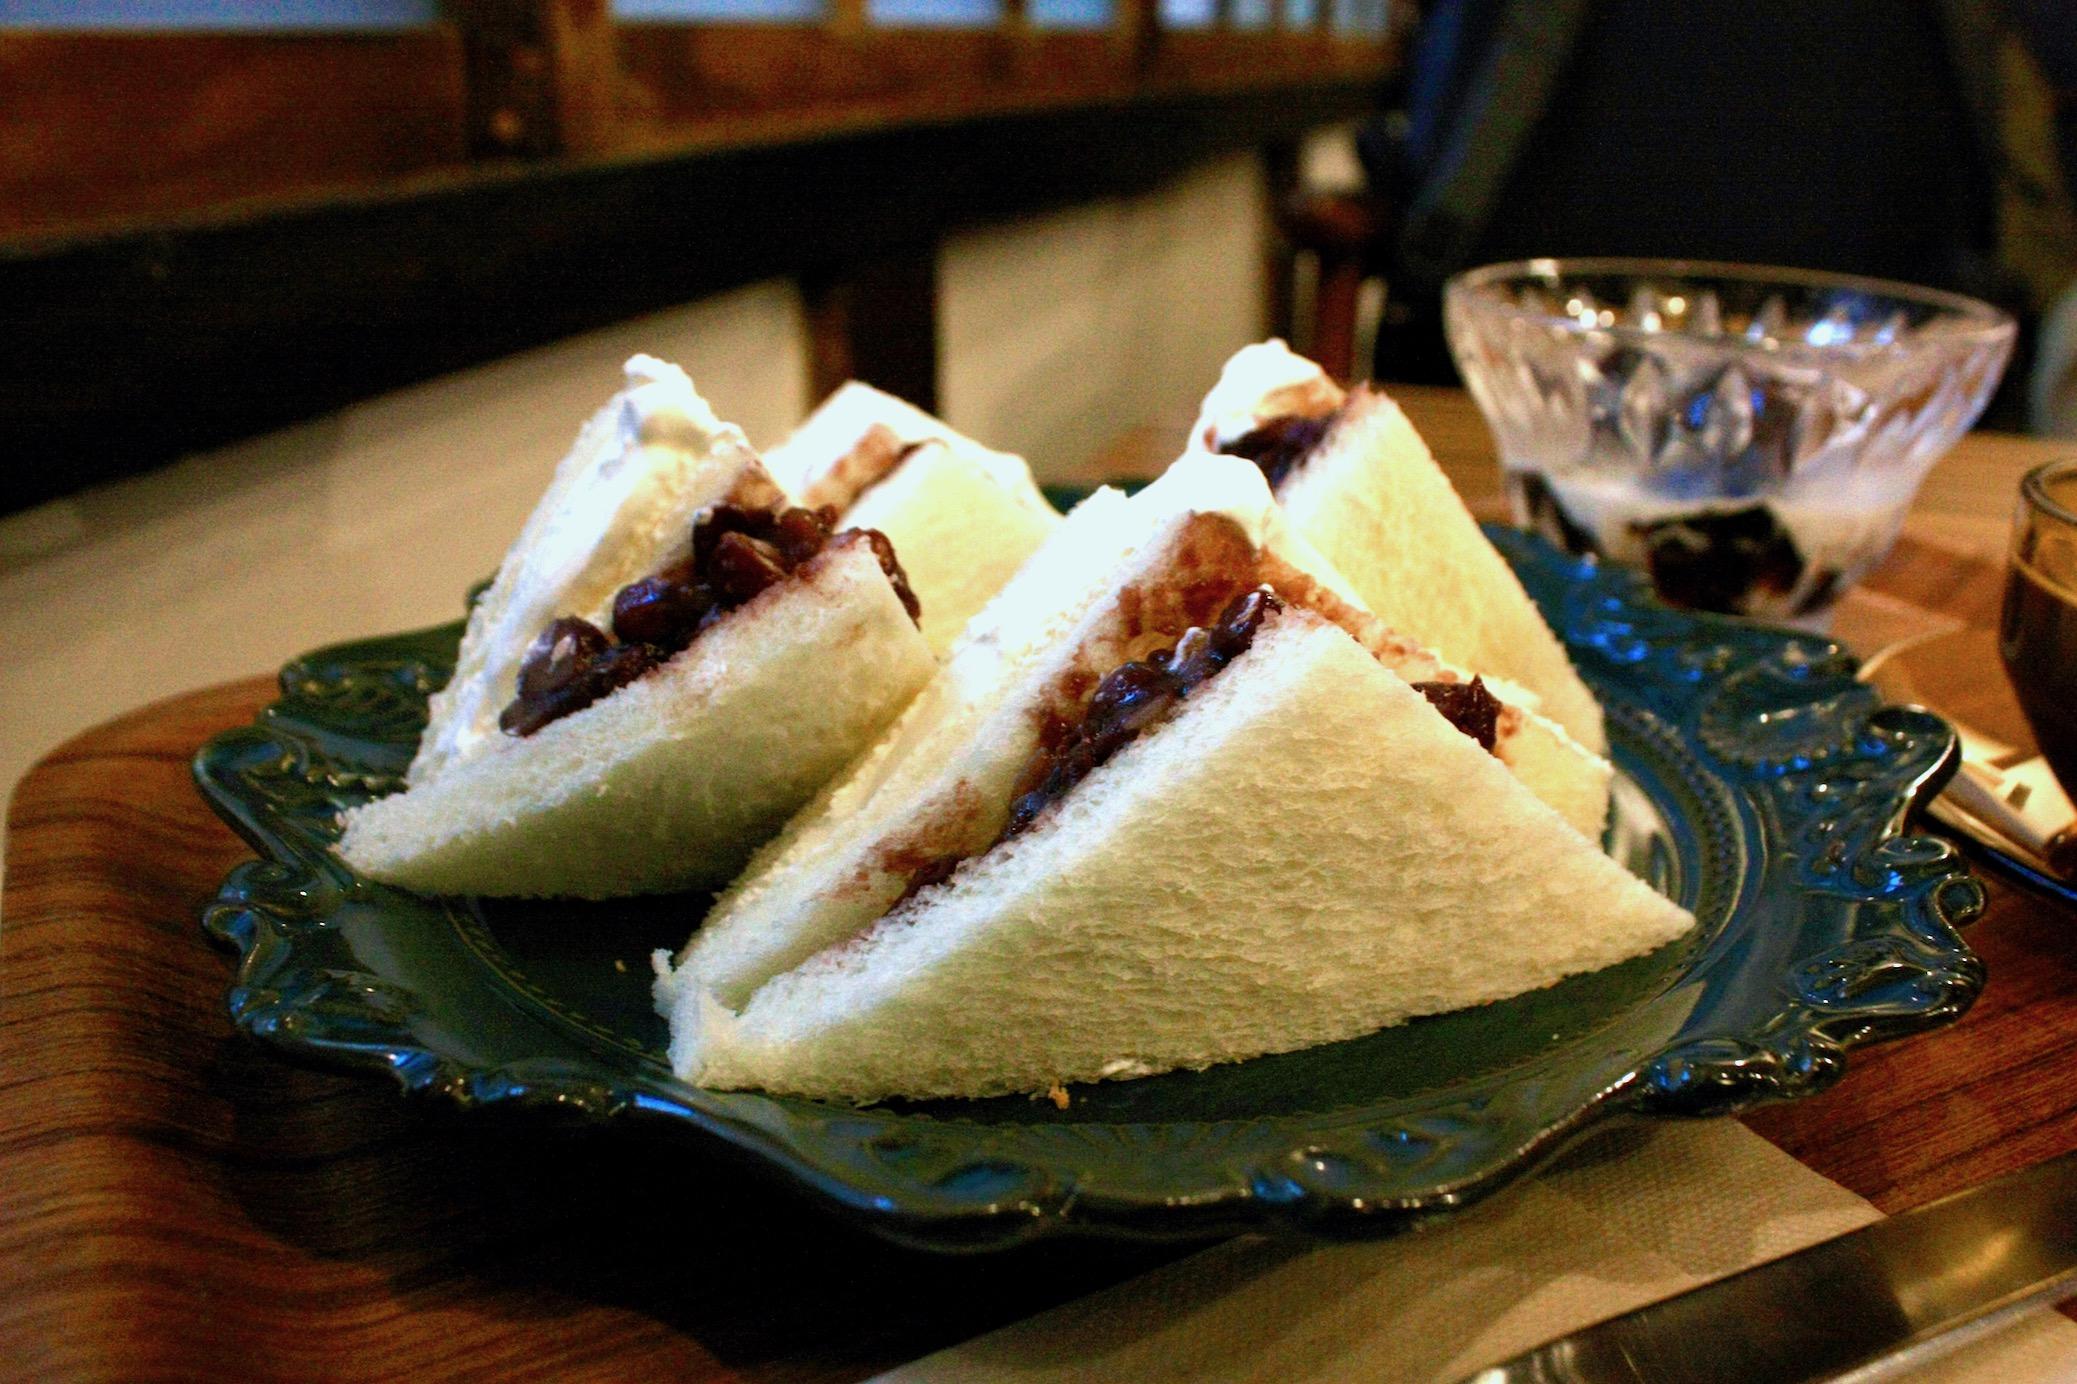 中村区役所|喫茶文化の新常識を提案!1日中名古屋のモーニング楽しめる喫茶店